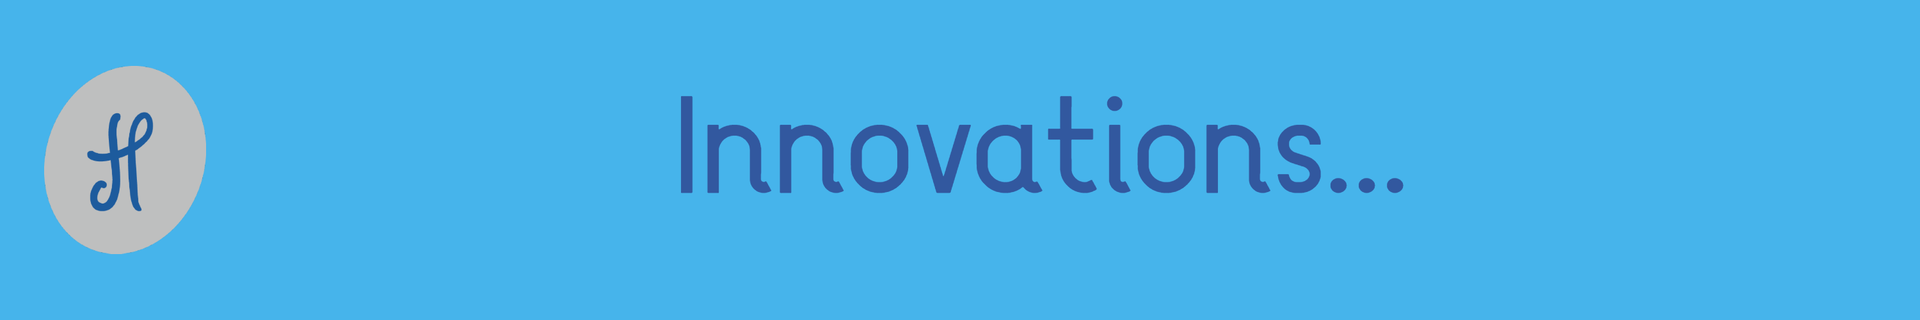 Innovations...